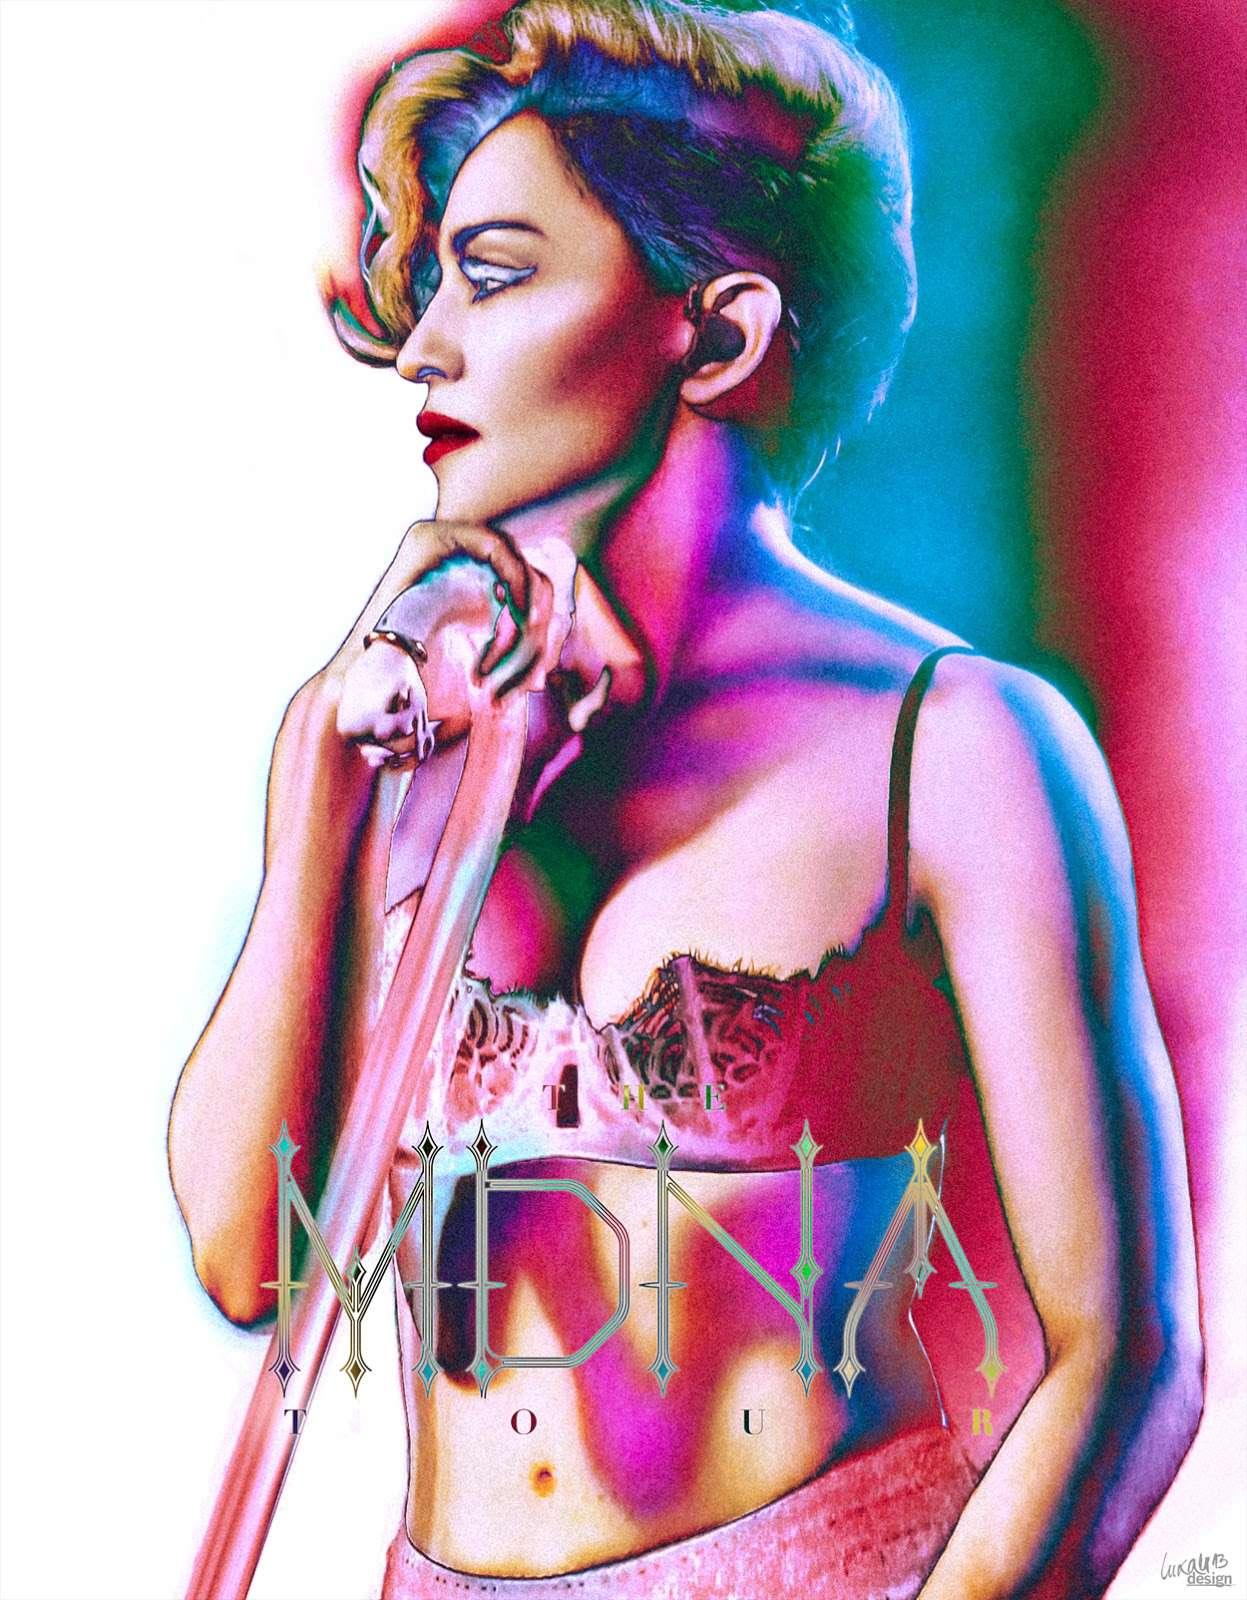 http://img209.imageshack.us/img209/83/poster1ni.jpg